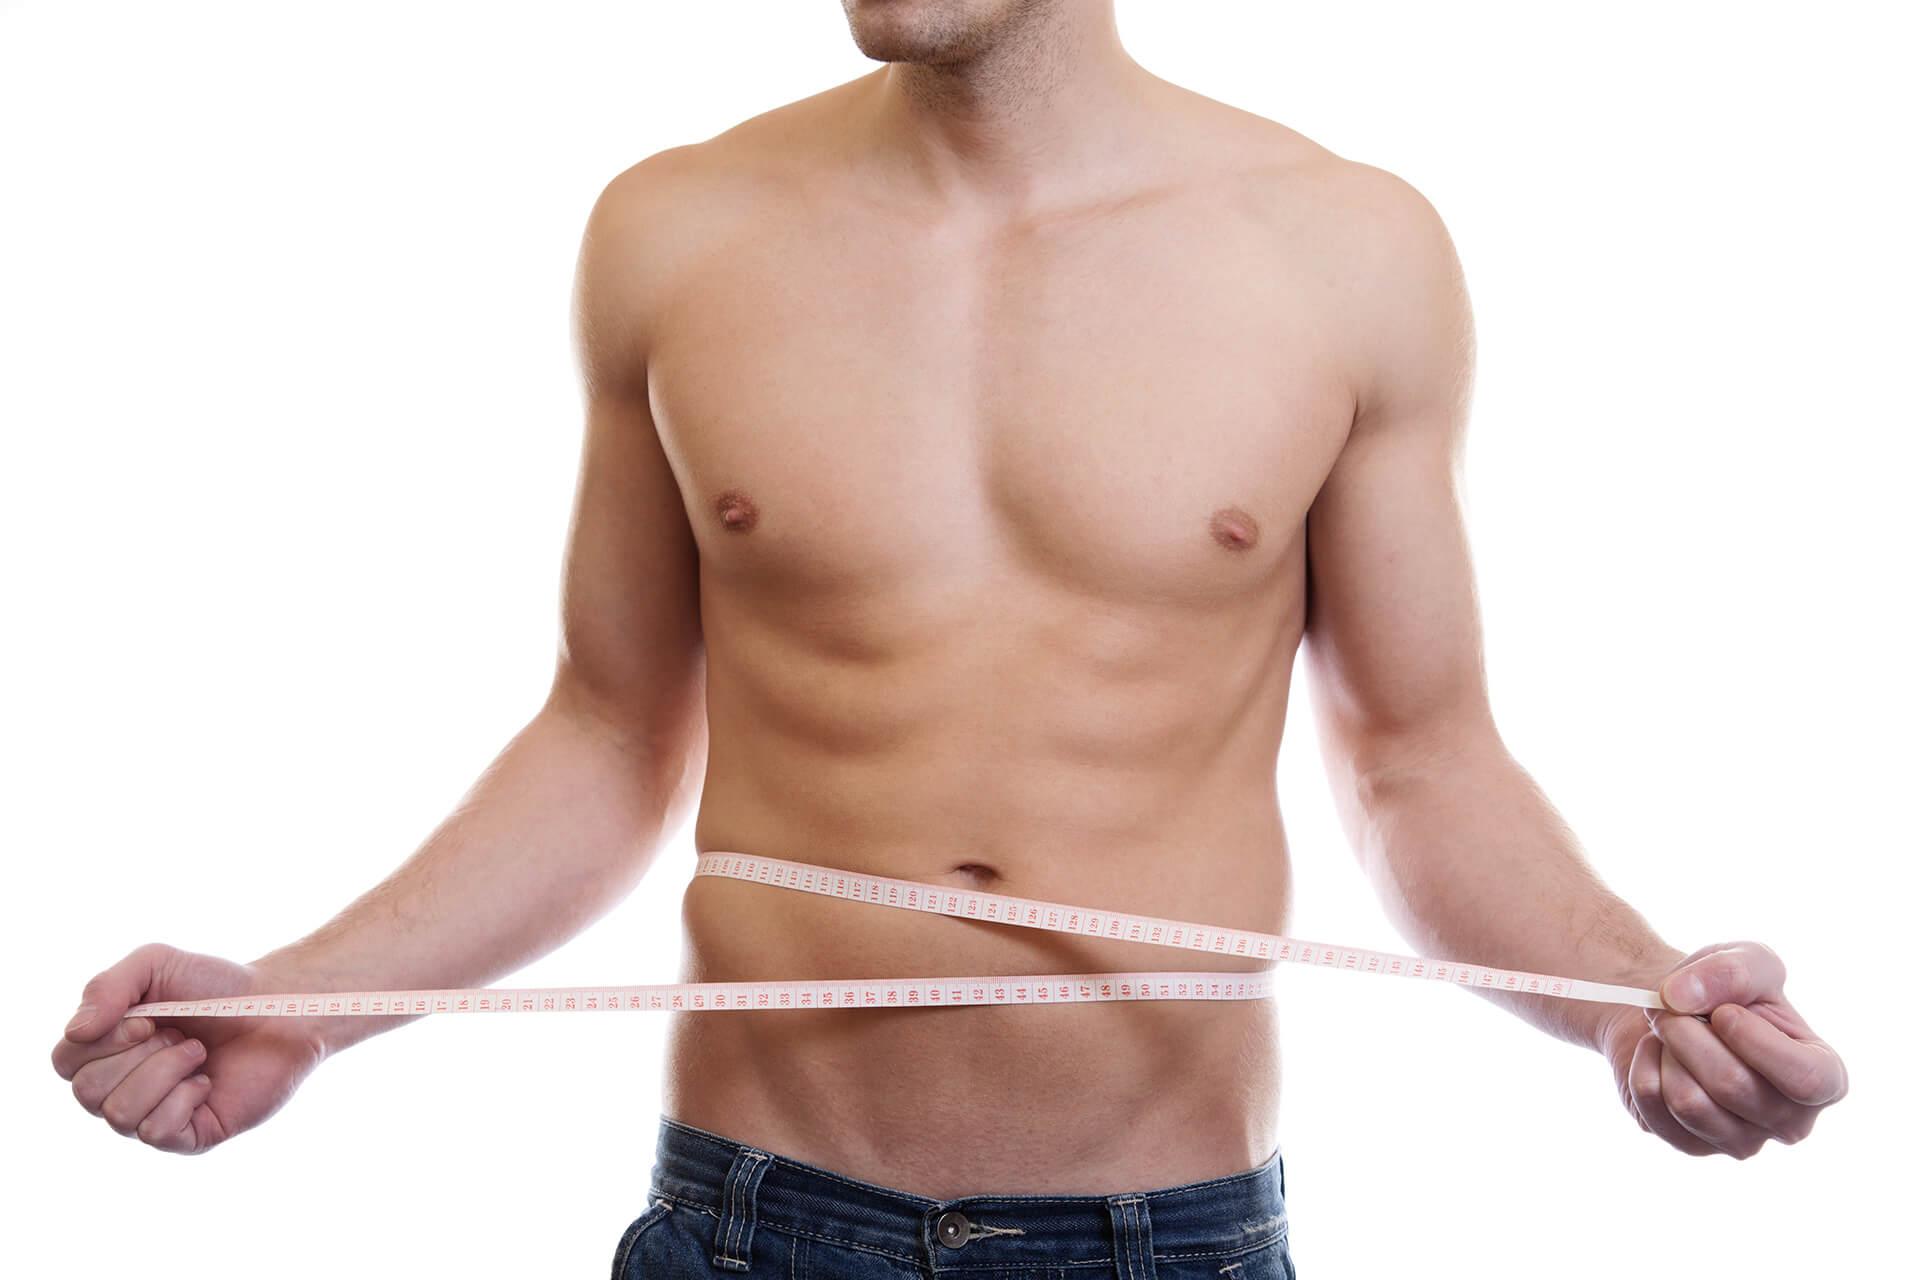 男性專區-尼斯診所-醫美-整形-再創男性魅力